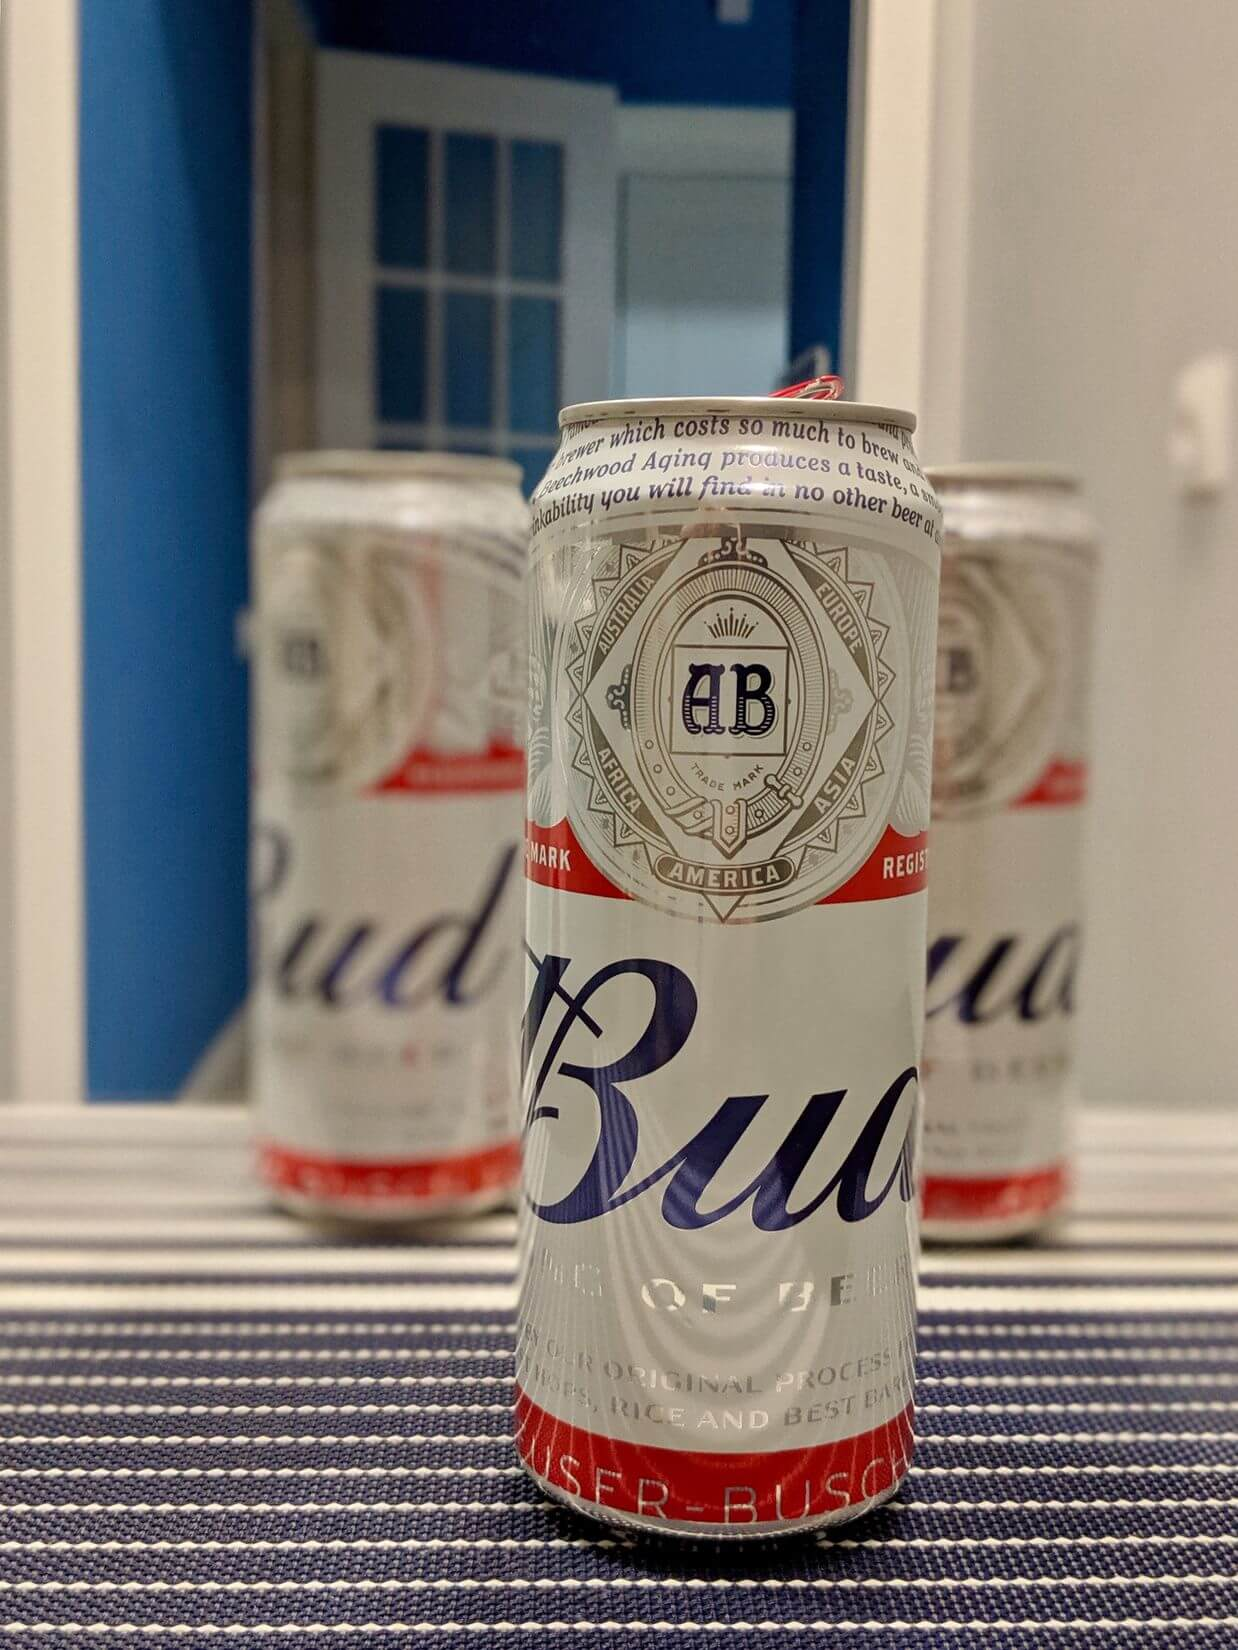 Bud пиво - 145 фото особенности, виды, крепость и варианты приготовления